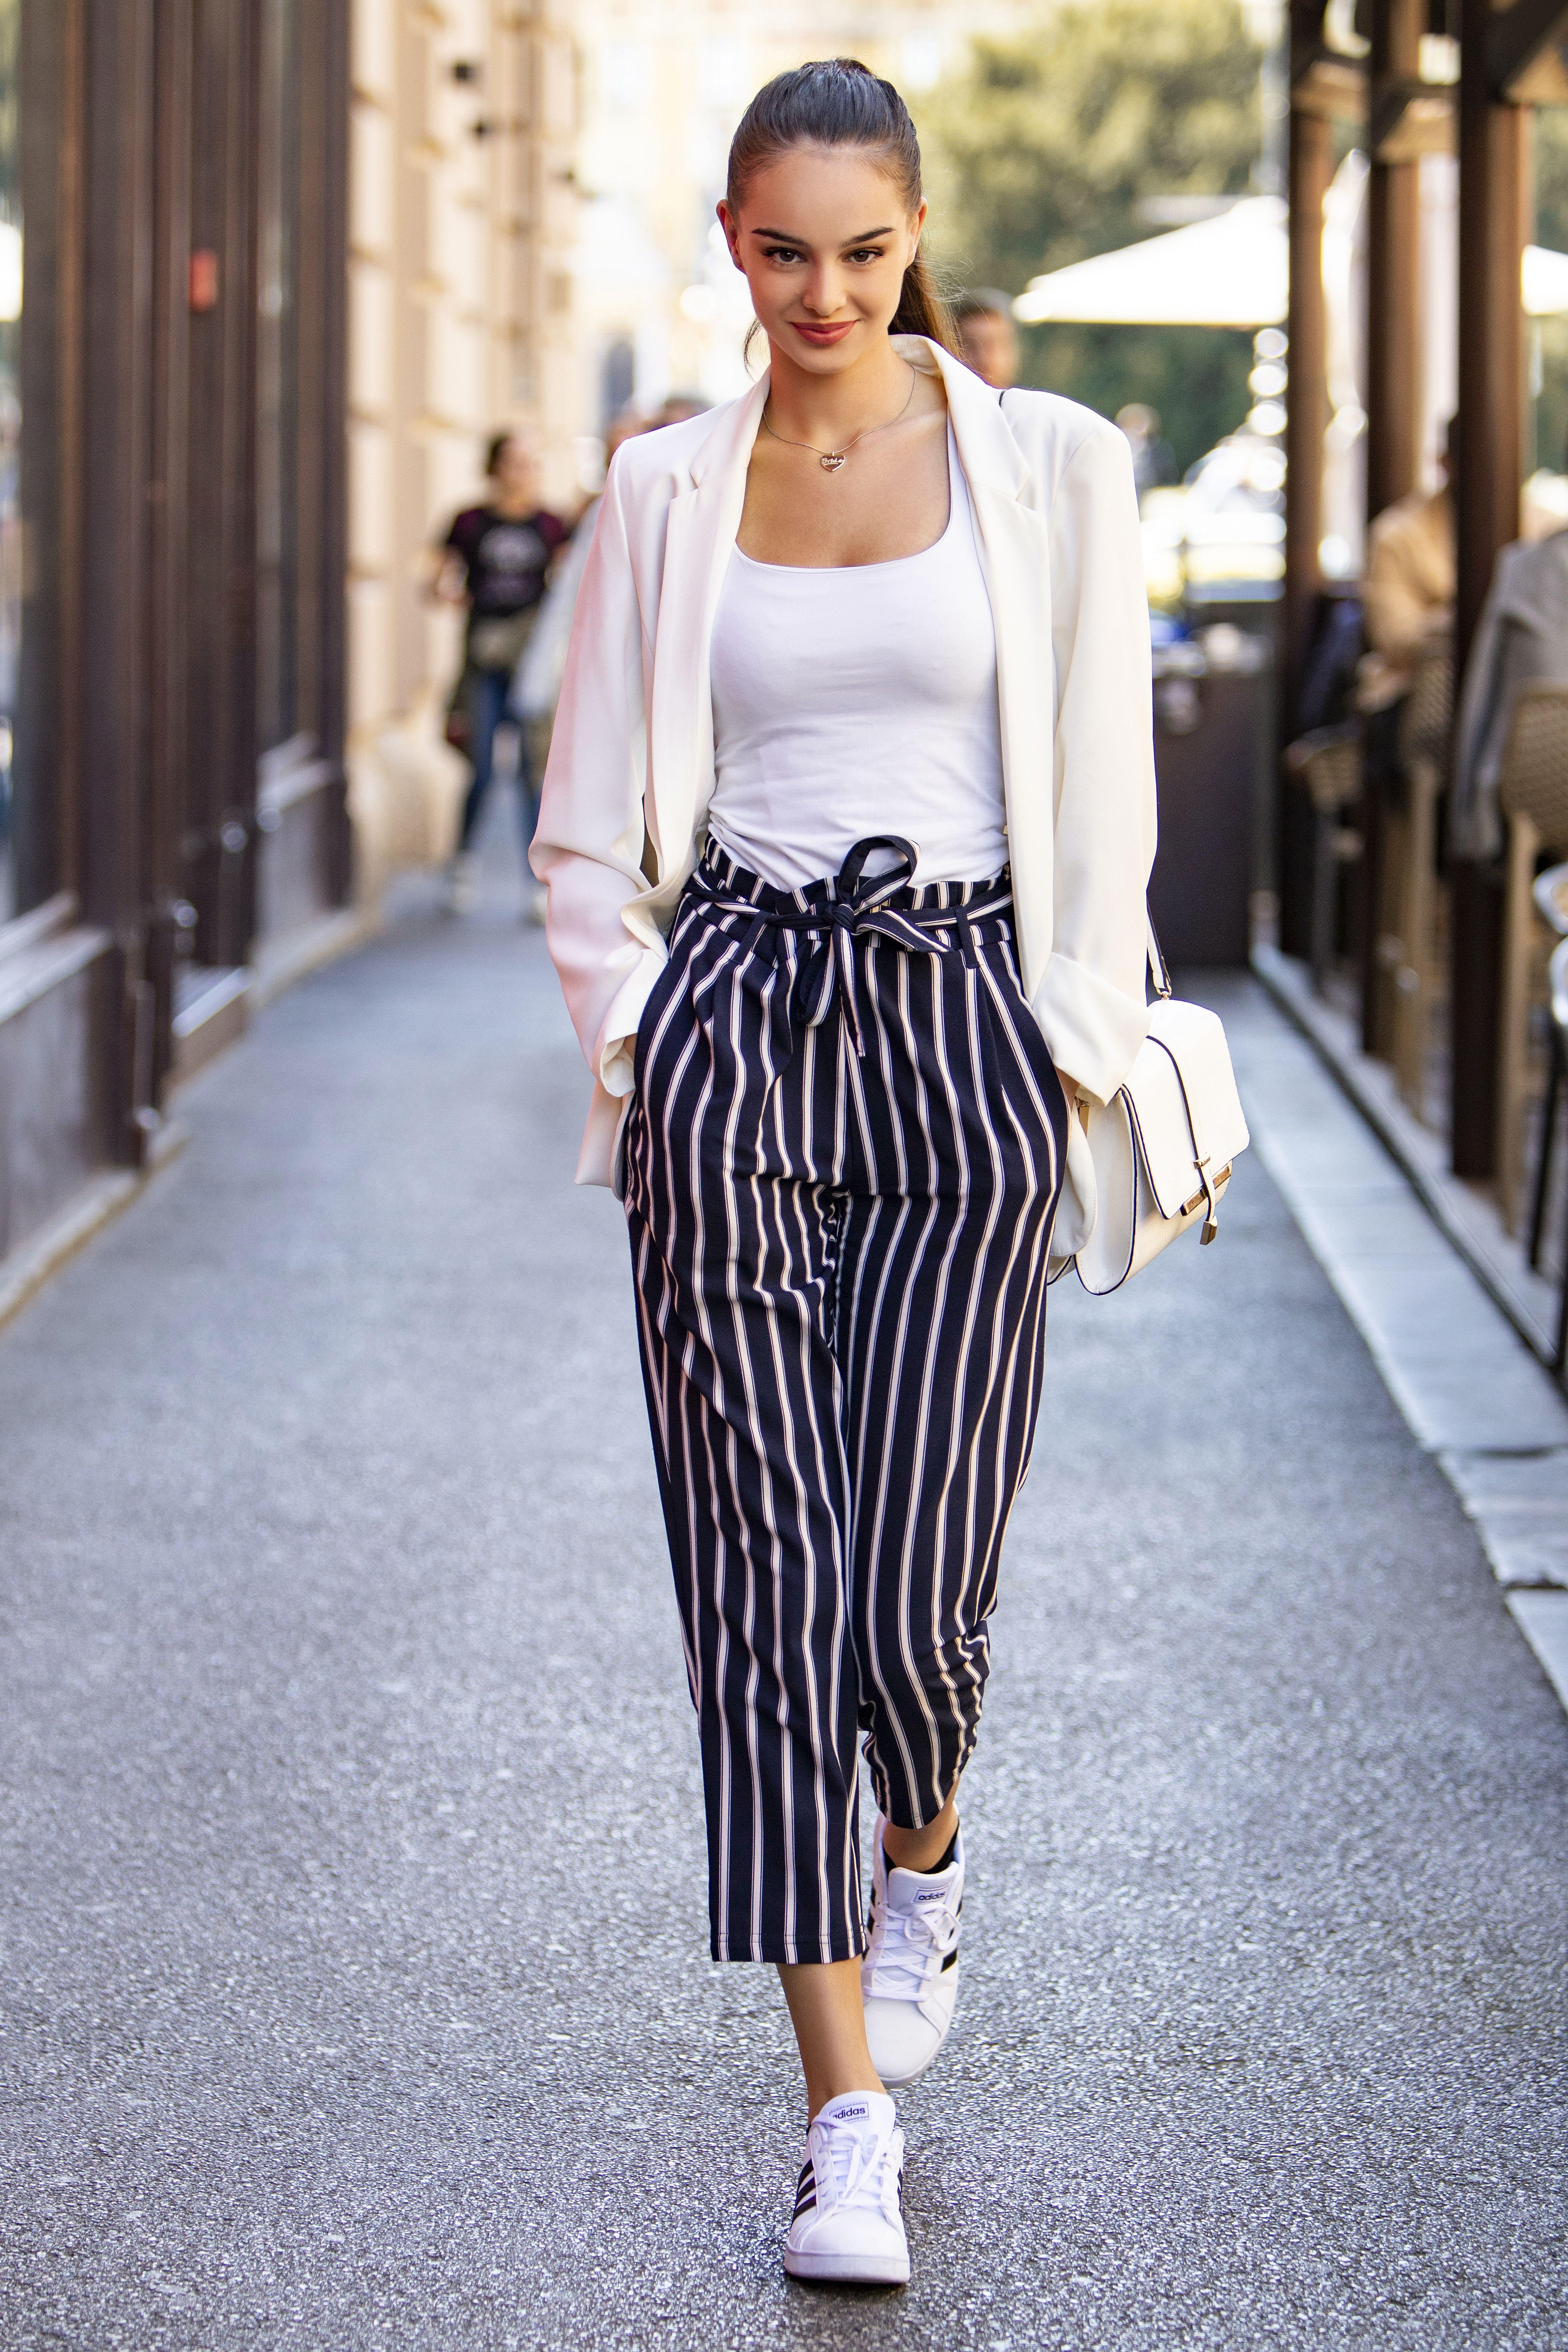 Odličan styling: Lijepa studentica prava zna da s prugicama nema greške!